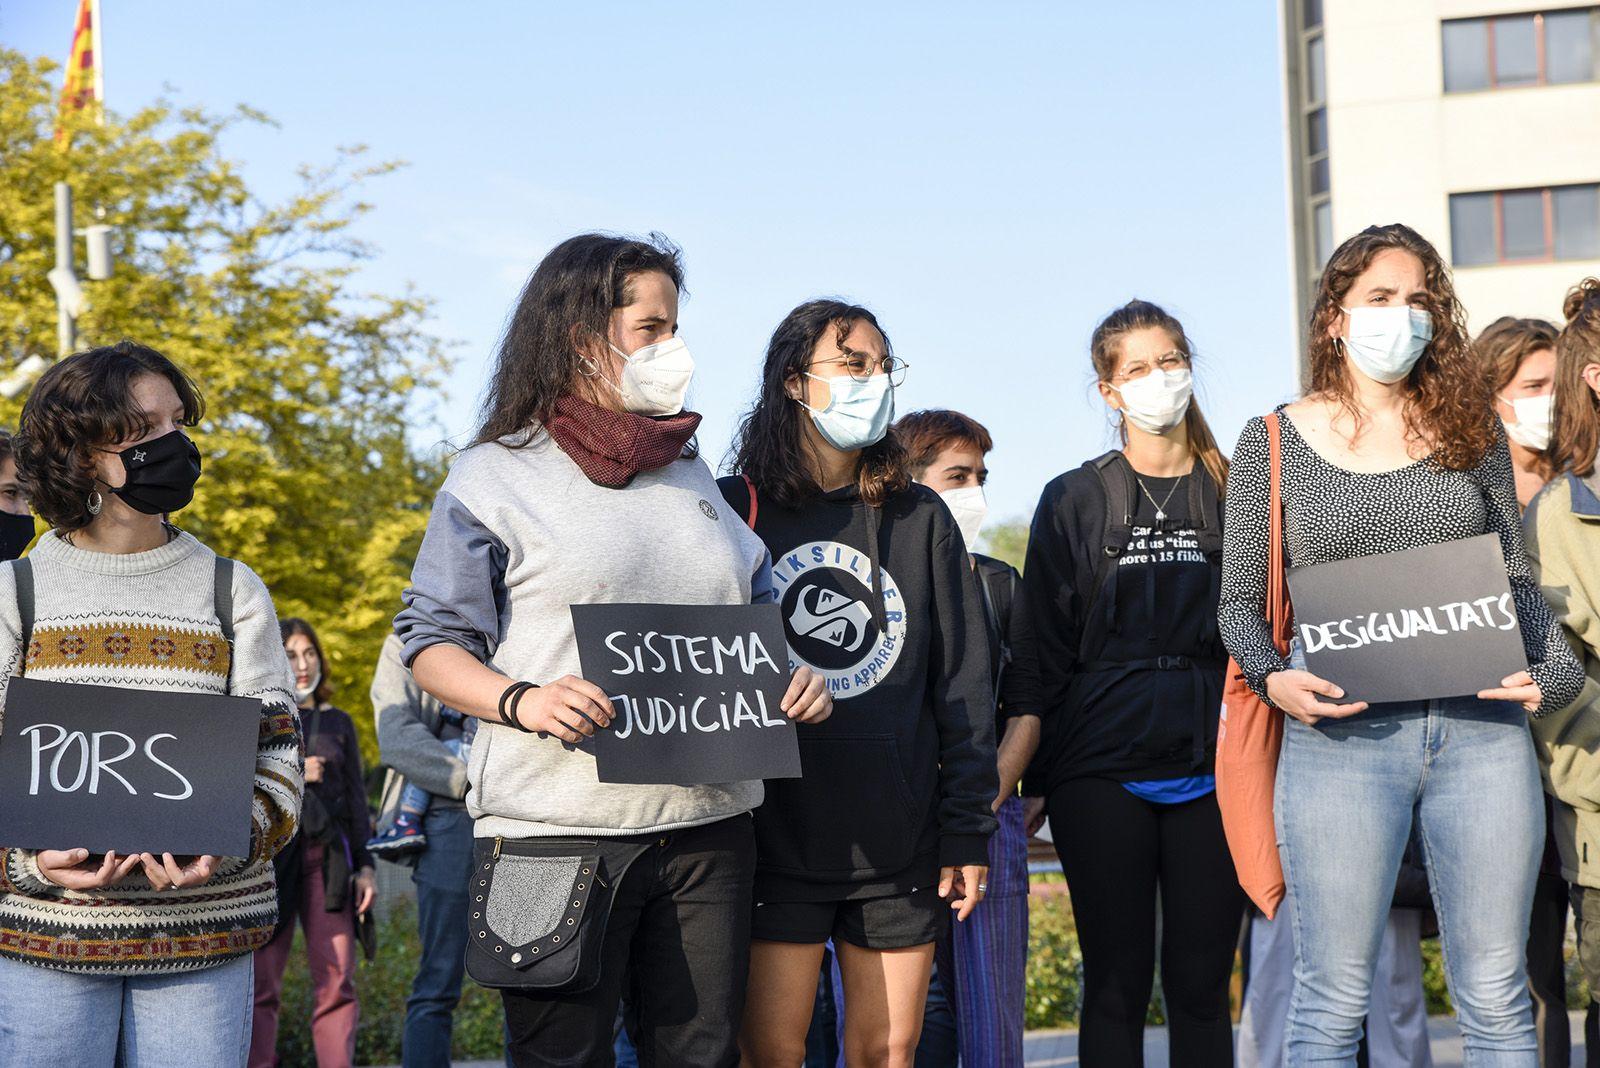 Concentració feminista denuncia l'abús sexual a una menor. Fotos Bernat Millet 6